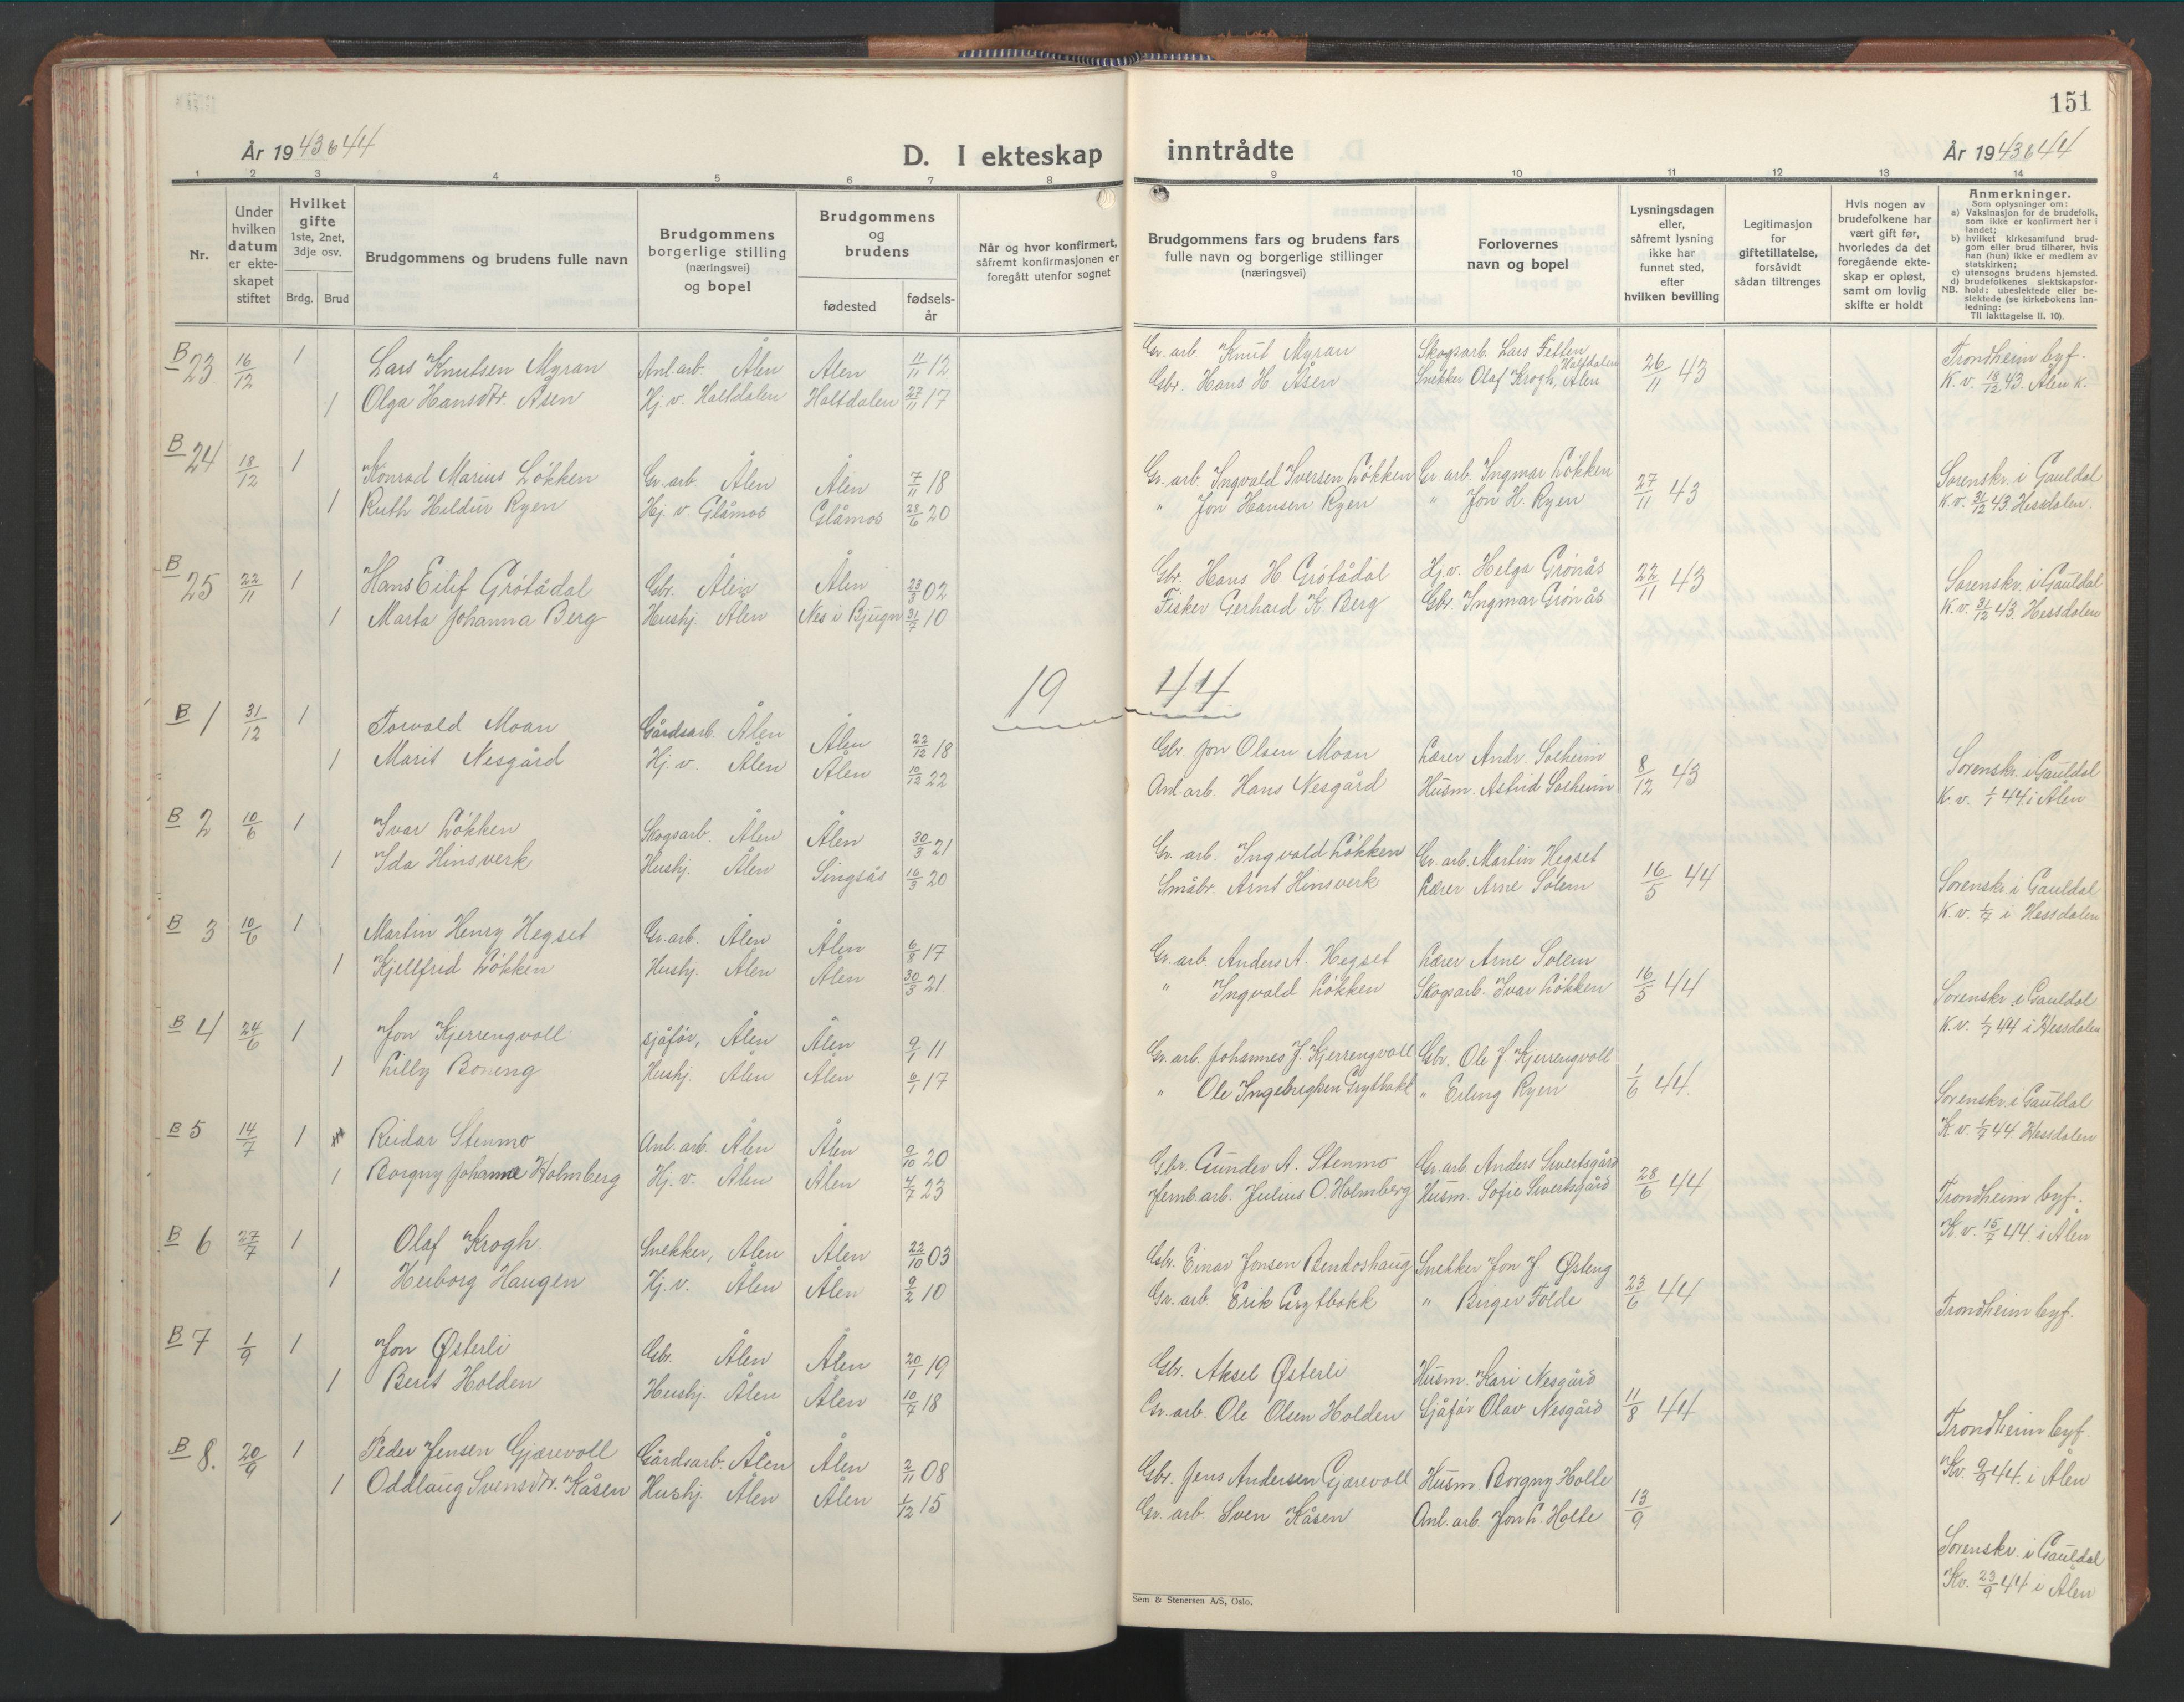 SAT, Ministerialprotokoller, klokkerbøker og fødselsregistre - Sør-Trøndelag, 686/L0986: Klokkerbok nr. 686C02, 1933-1950, s. 151